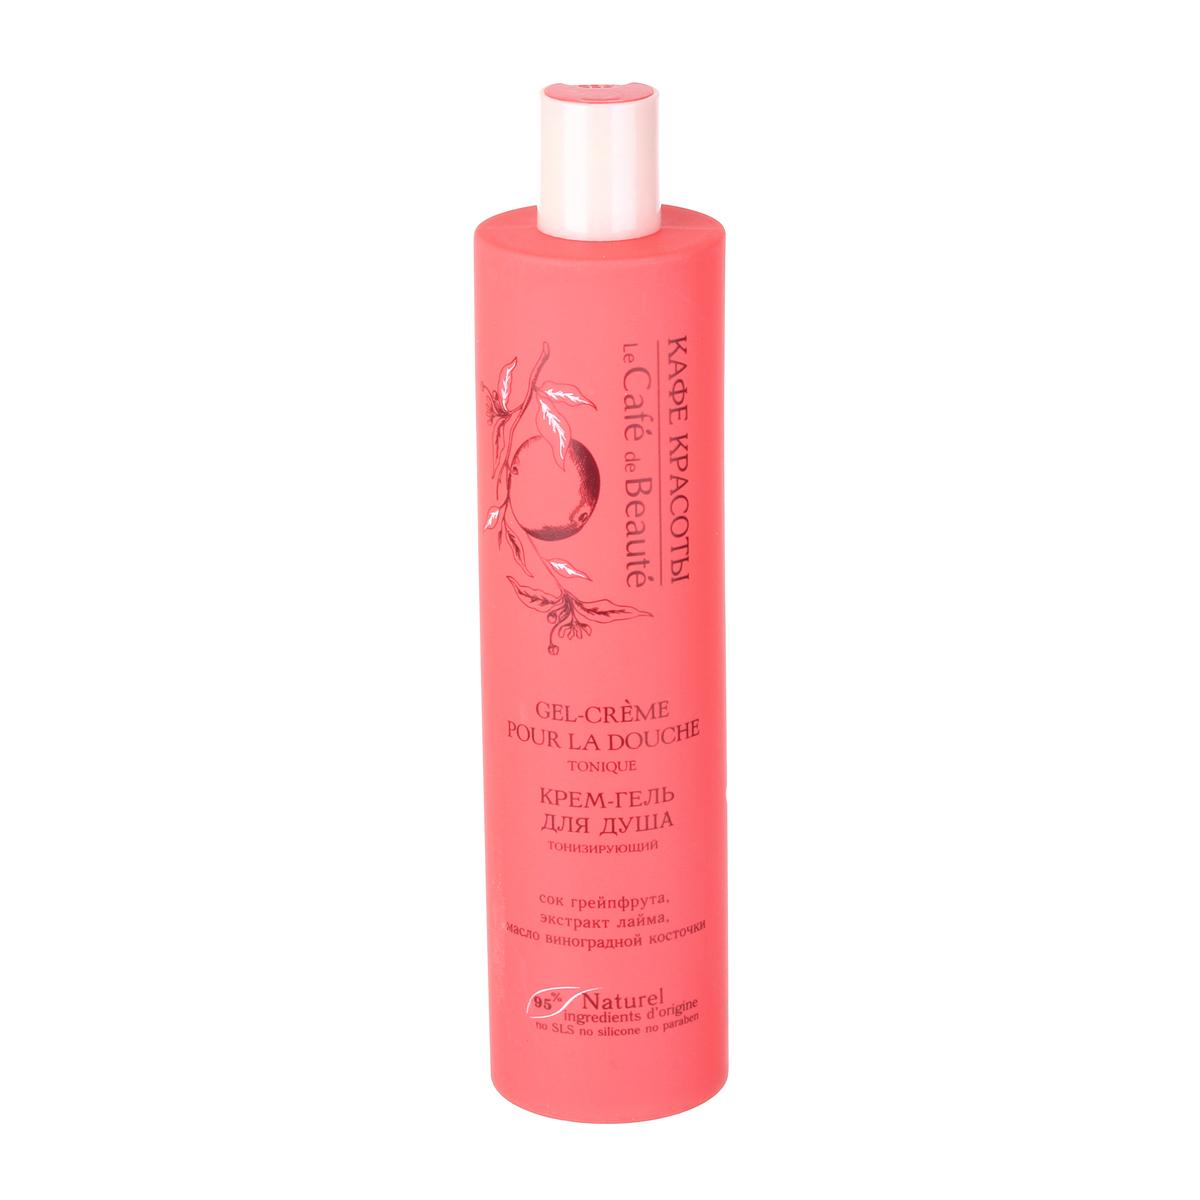 Кафе Красоты Крем-гель для душа Тонизирующий 400 мл4627090990651Крем-гель с насыщенным цитрусовым ароматом подарит бодрость и сделает Вашу кожу еще красивее. Сок Греипфрута повышает тонус, придавая коже упругость и эластичность, сок Лаима деликатно очищает и дезинфицирует, а также стимулирует кровообращение и освежает. Масло Миндаля увлажняет кожу, придавая еи нежность и гладкость.